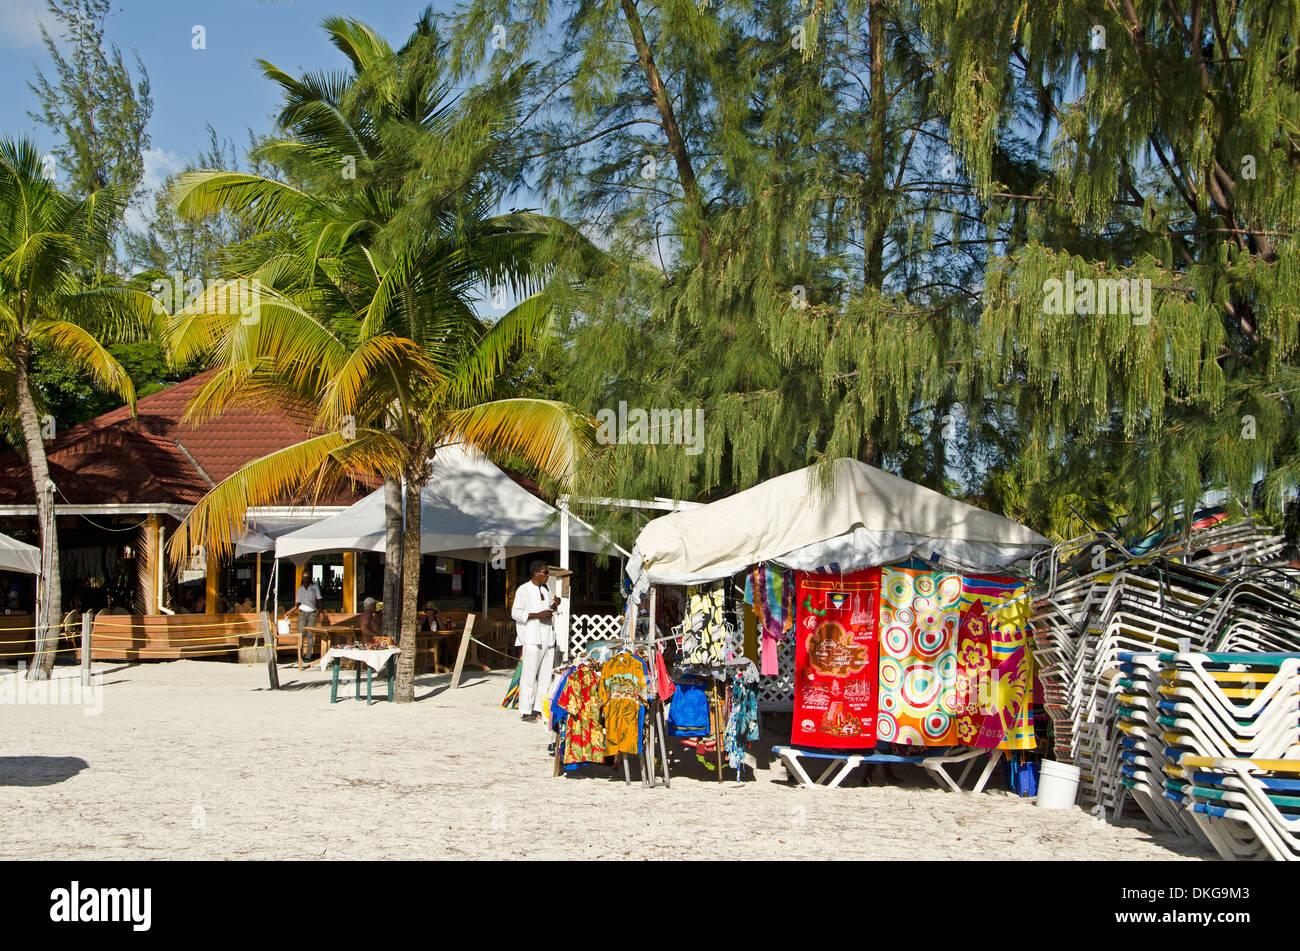 Pressione di stallo di mercato presso la spiaggia, il Jolly Beach, Antigua, Piccole Antille, Caraibi, America Immagini Stock